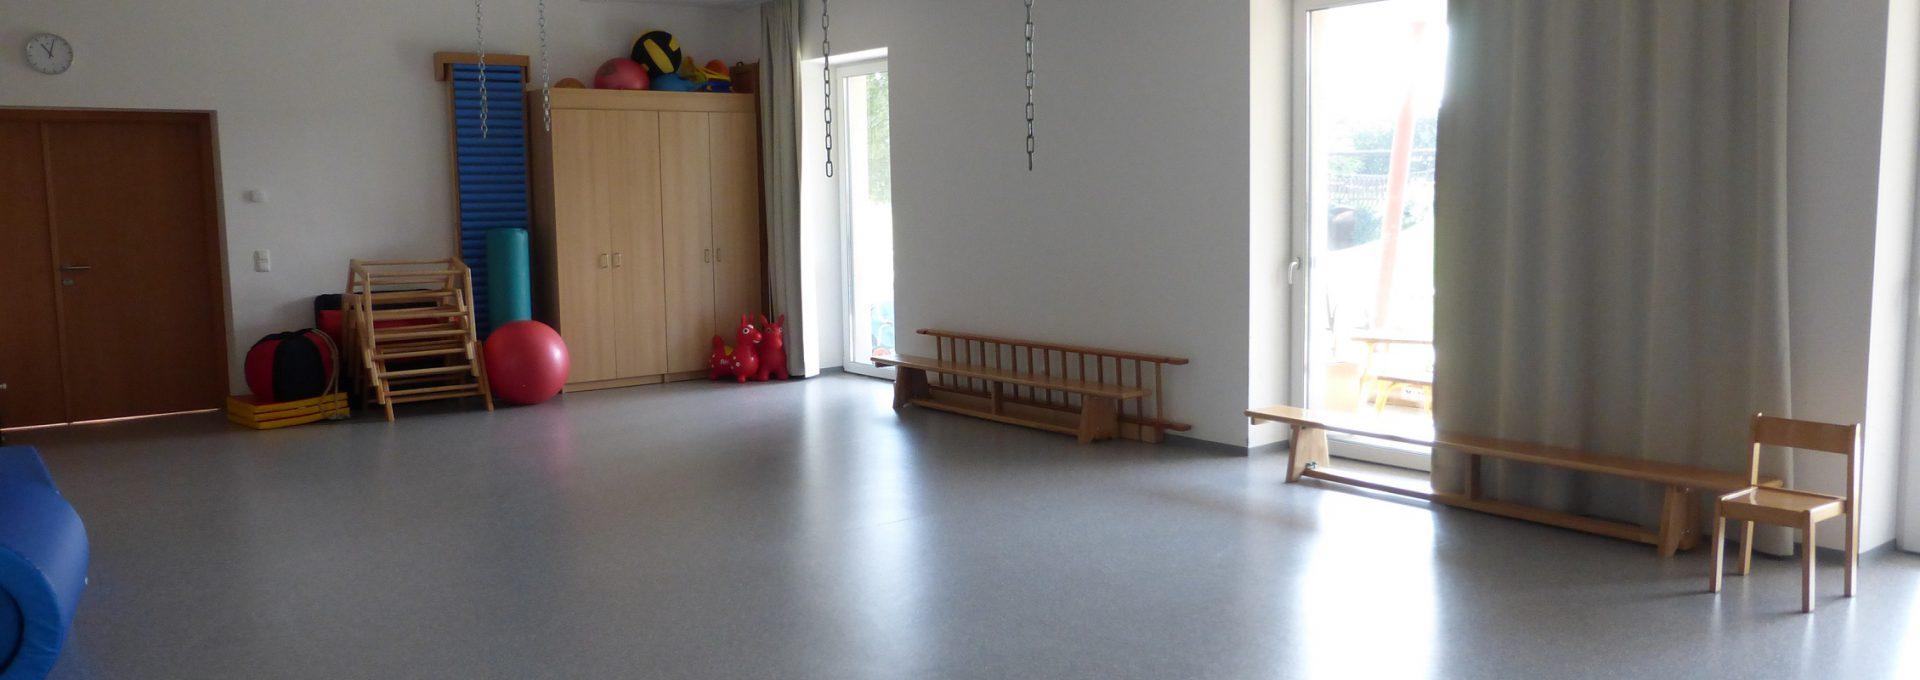 Kindergarten Naarn